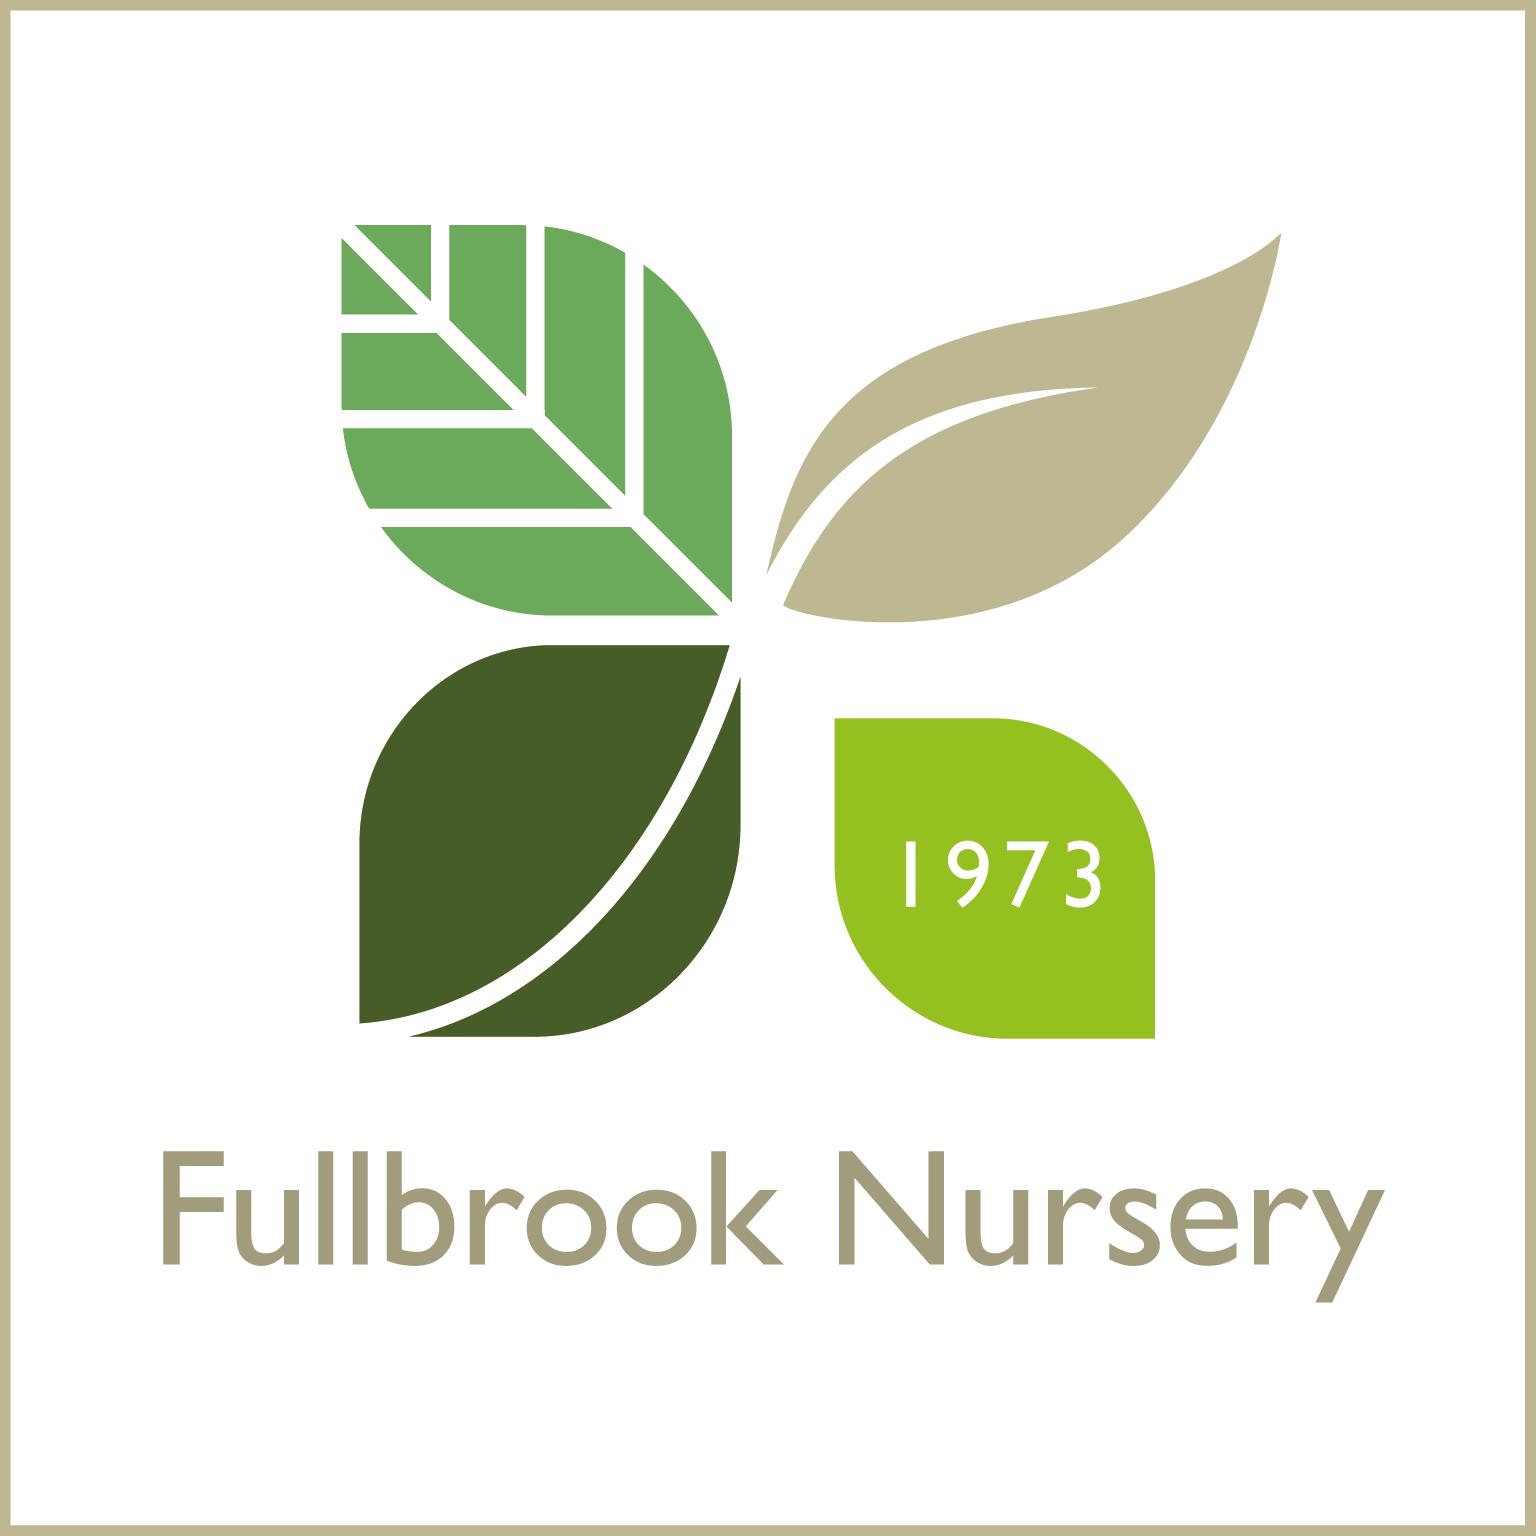 Fullbrook Nursery Logo